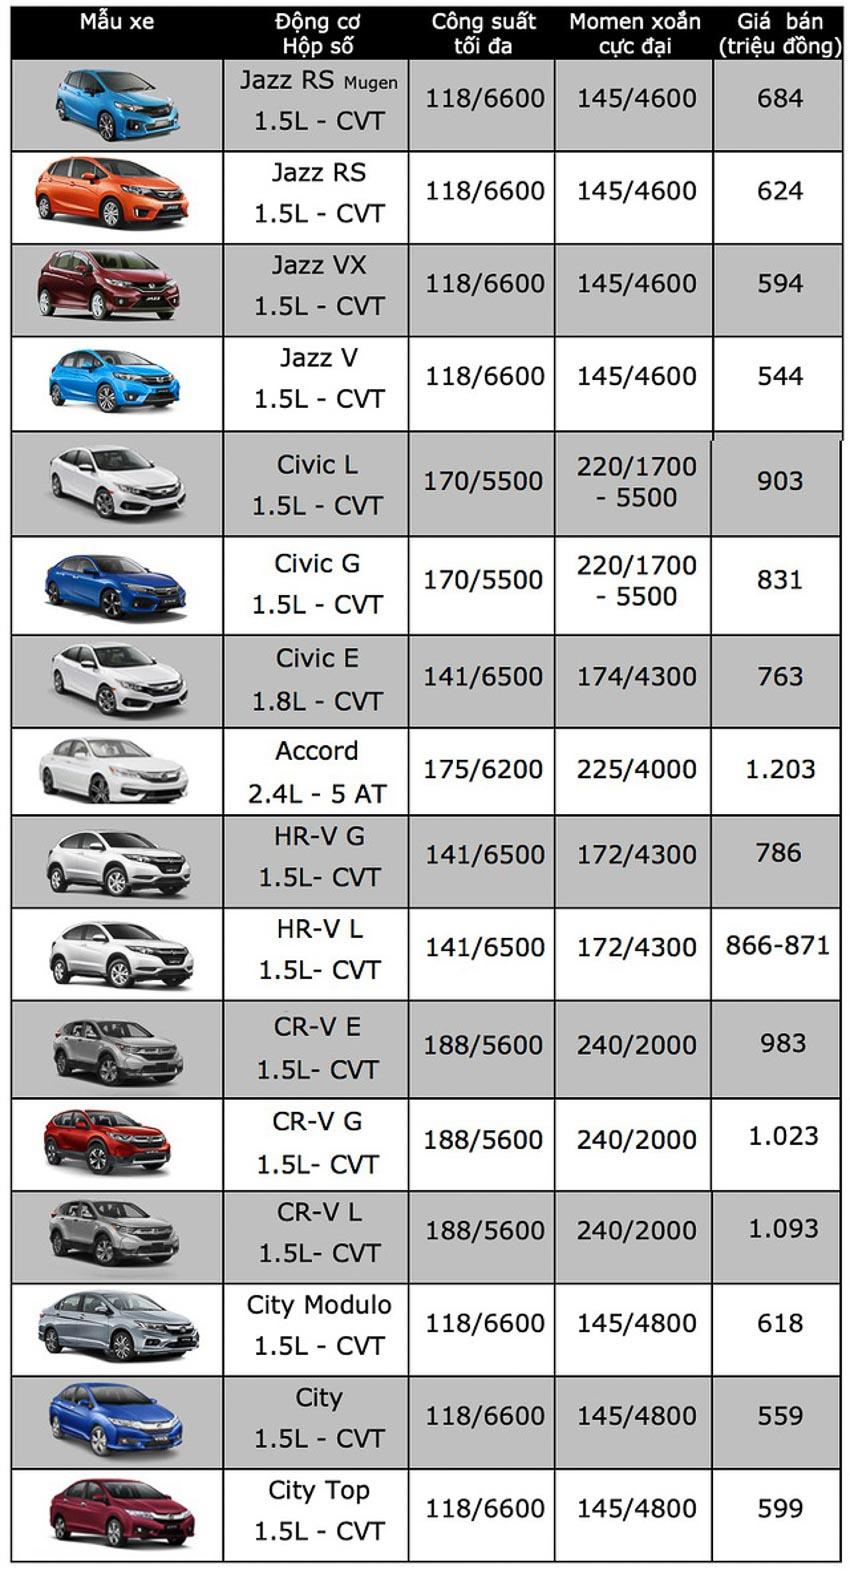 Honda Việt Nam chính thức tăng giá CR-V kể từ đầu năm 2019 2